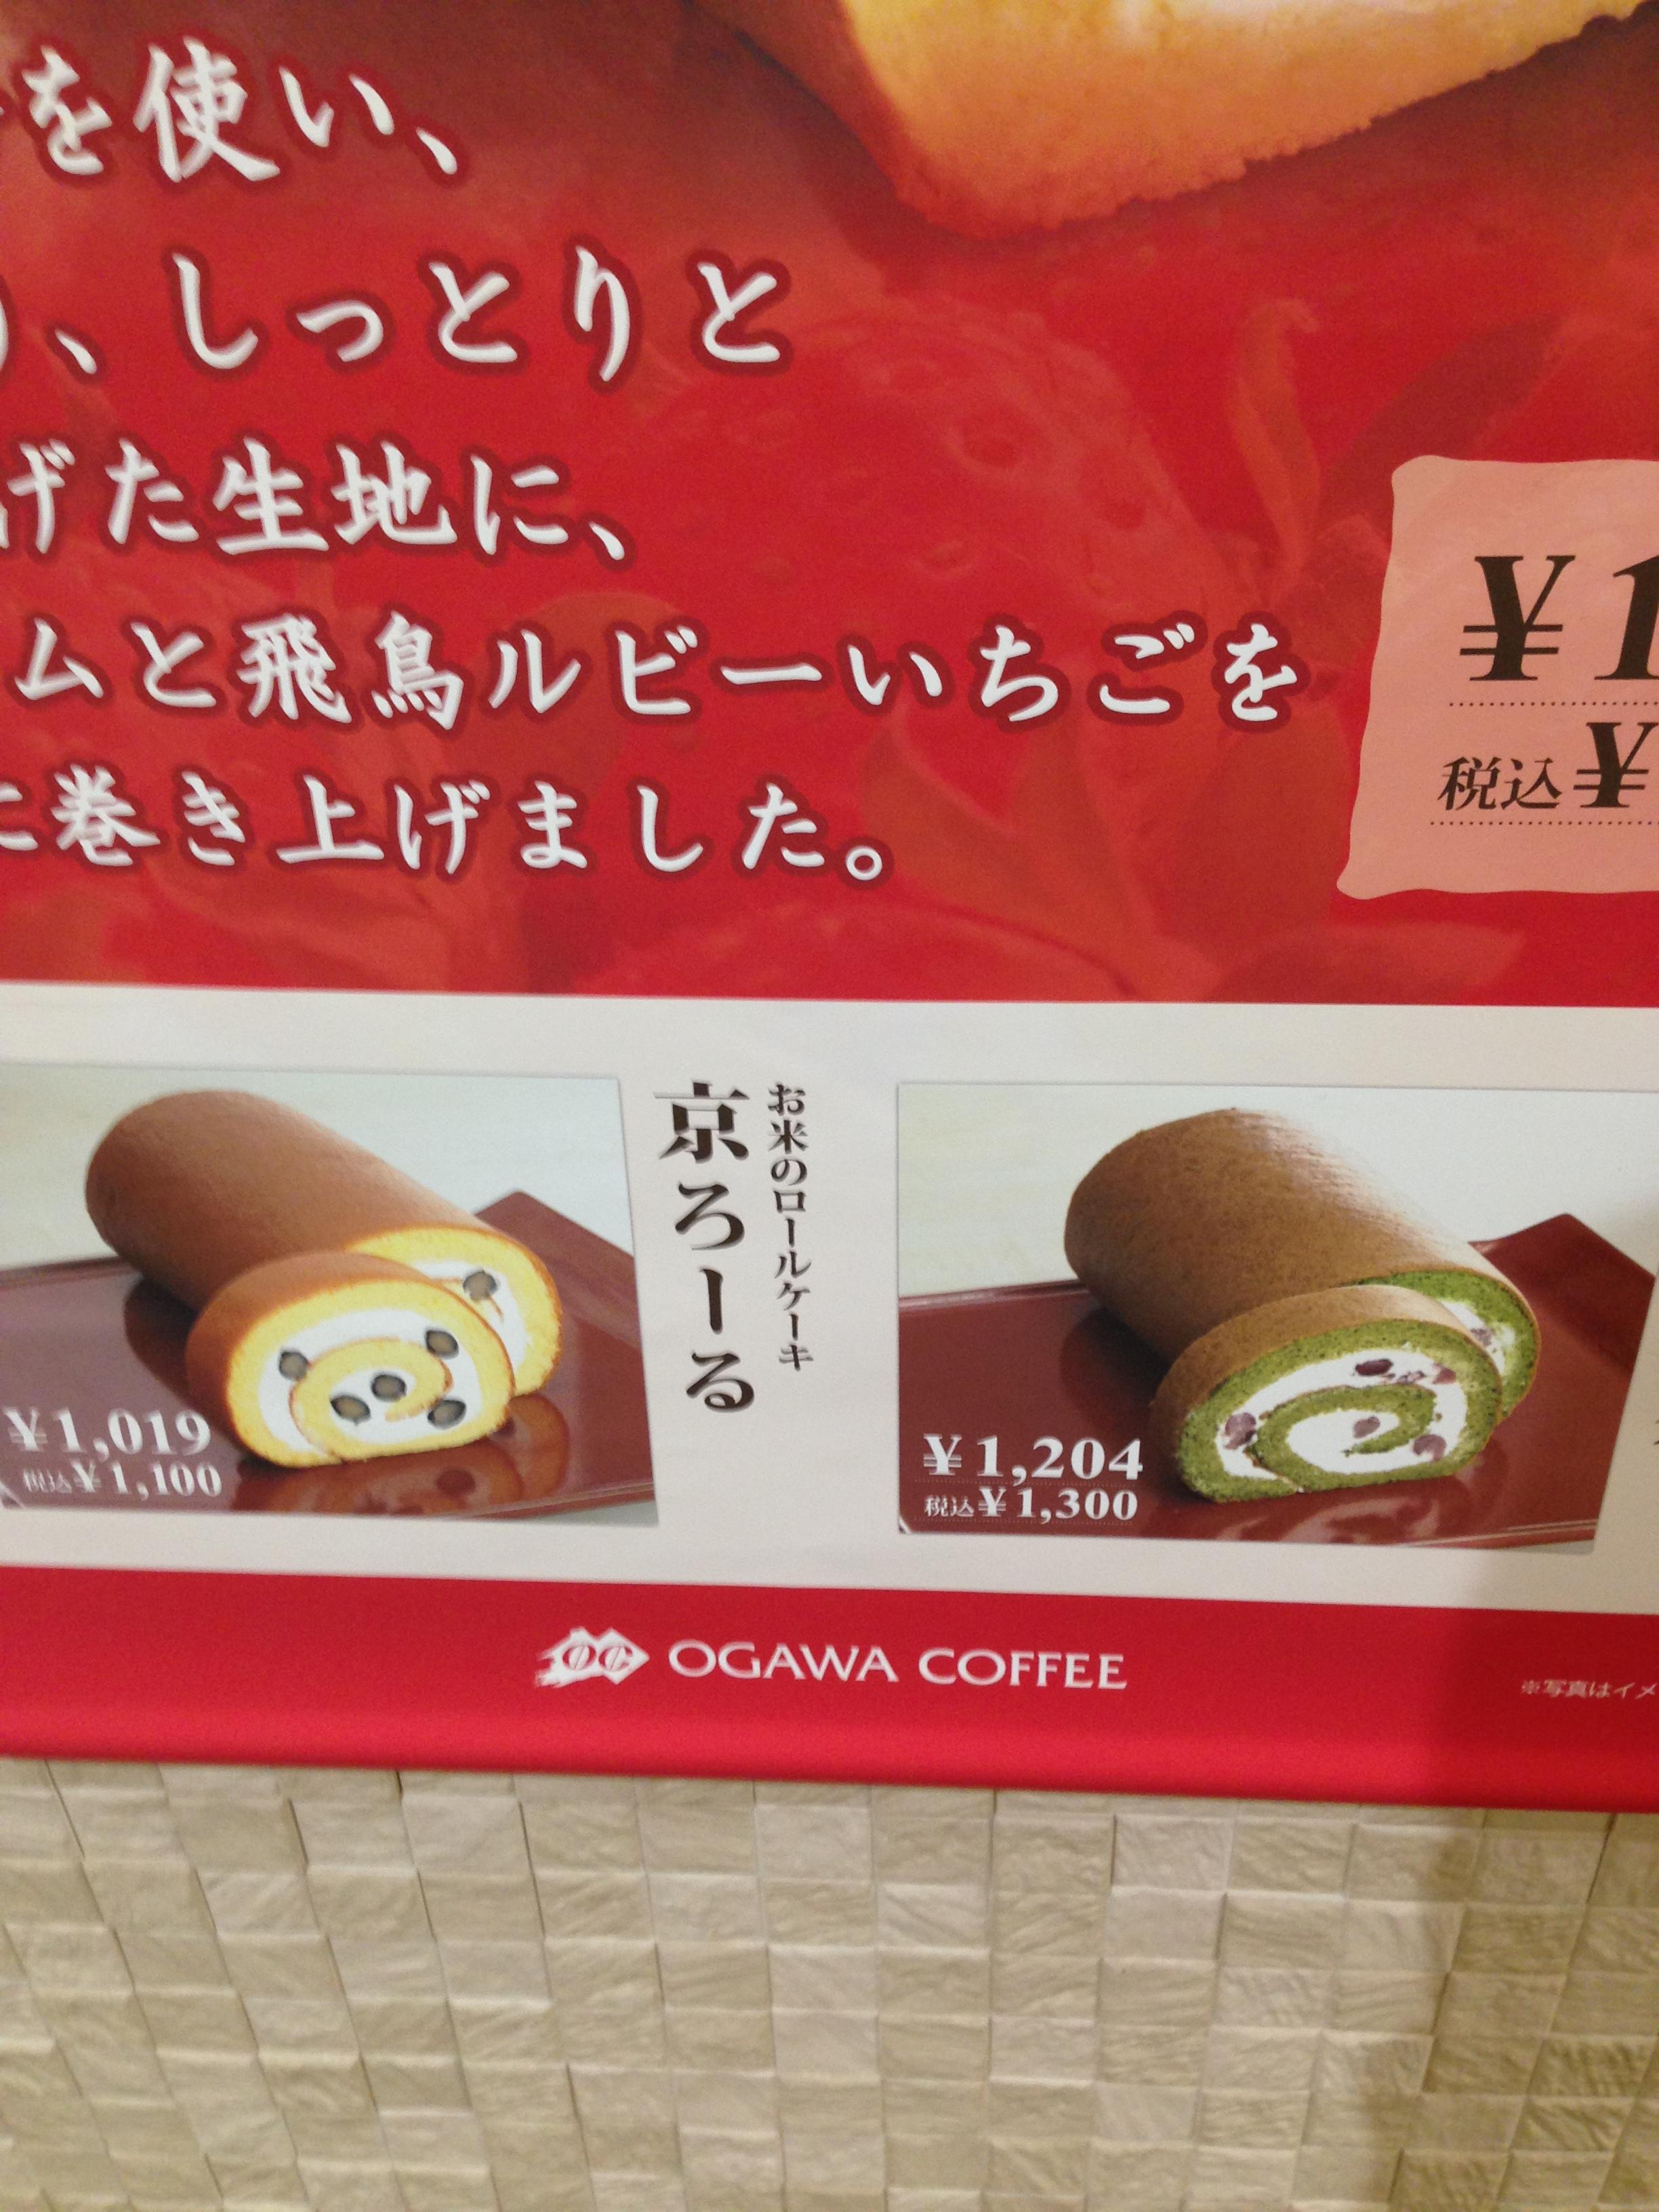 小川珈琲を初体験。たまには行ったことのない喫茶店に入ってみると楽しいかも。